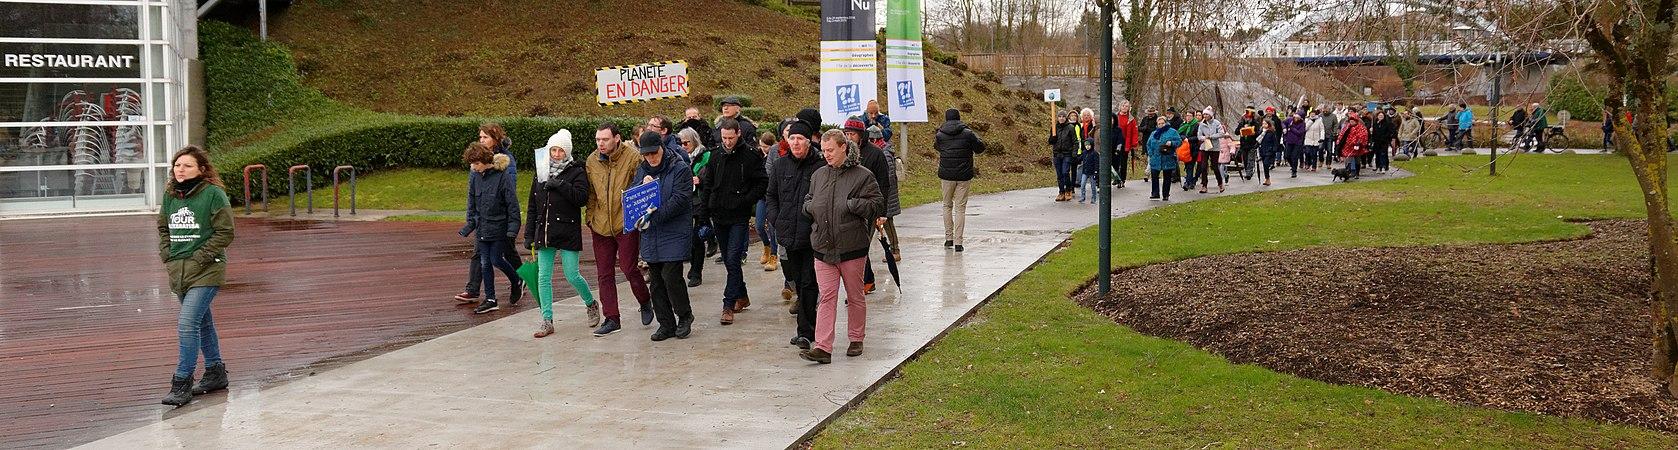 2019-01-27 10-58-46 marche-climat-Montbéliard.jpg